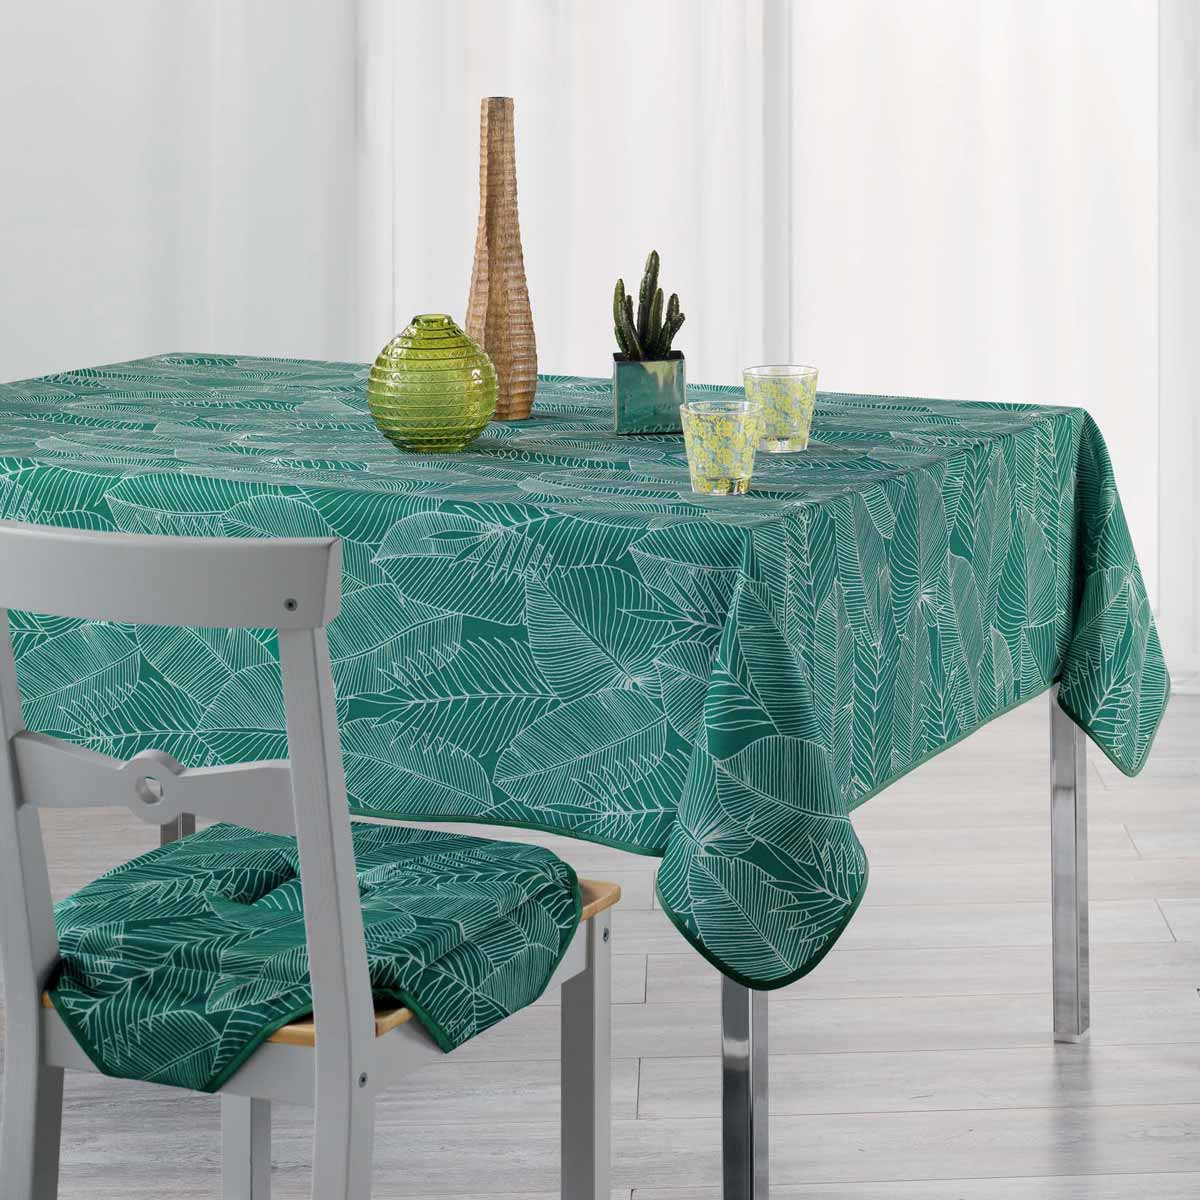 Αλέκιαστο Τραπεζομάντηλο (150x200) Gatsby Vert 1722354 home   κουζίνα   τραπεζαρία   τραπεζομάντηλα